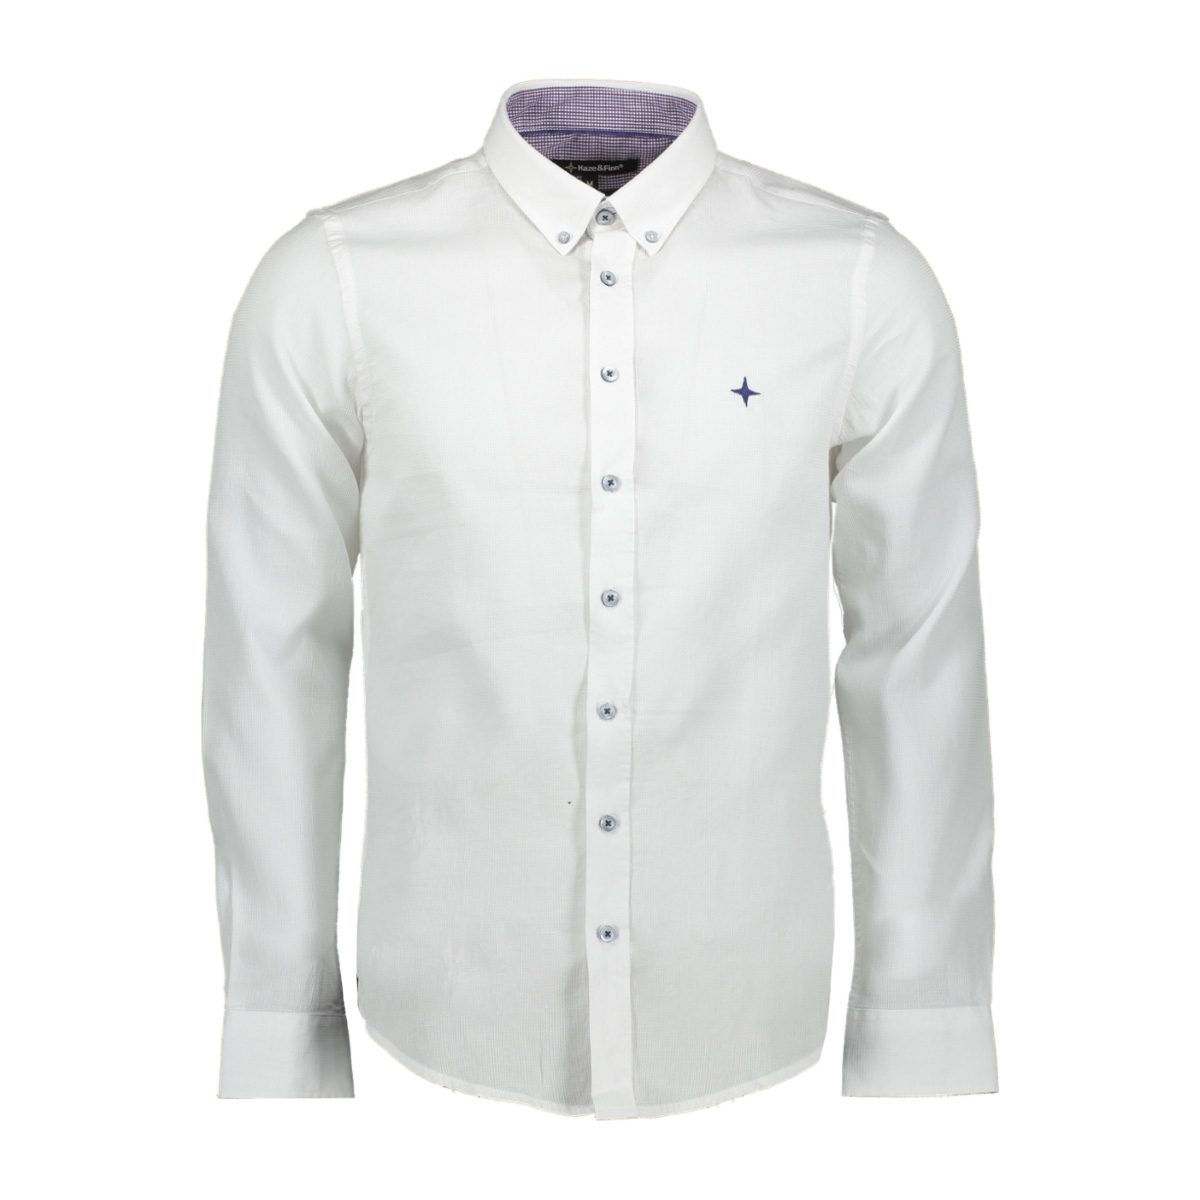 01 shirt doby cotton mc12 0106 haze & finn overhemd white structure